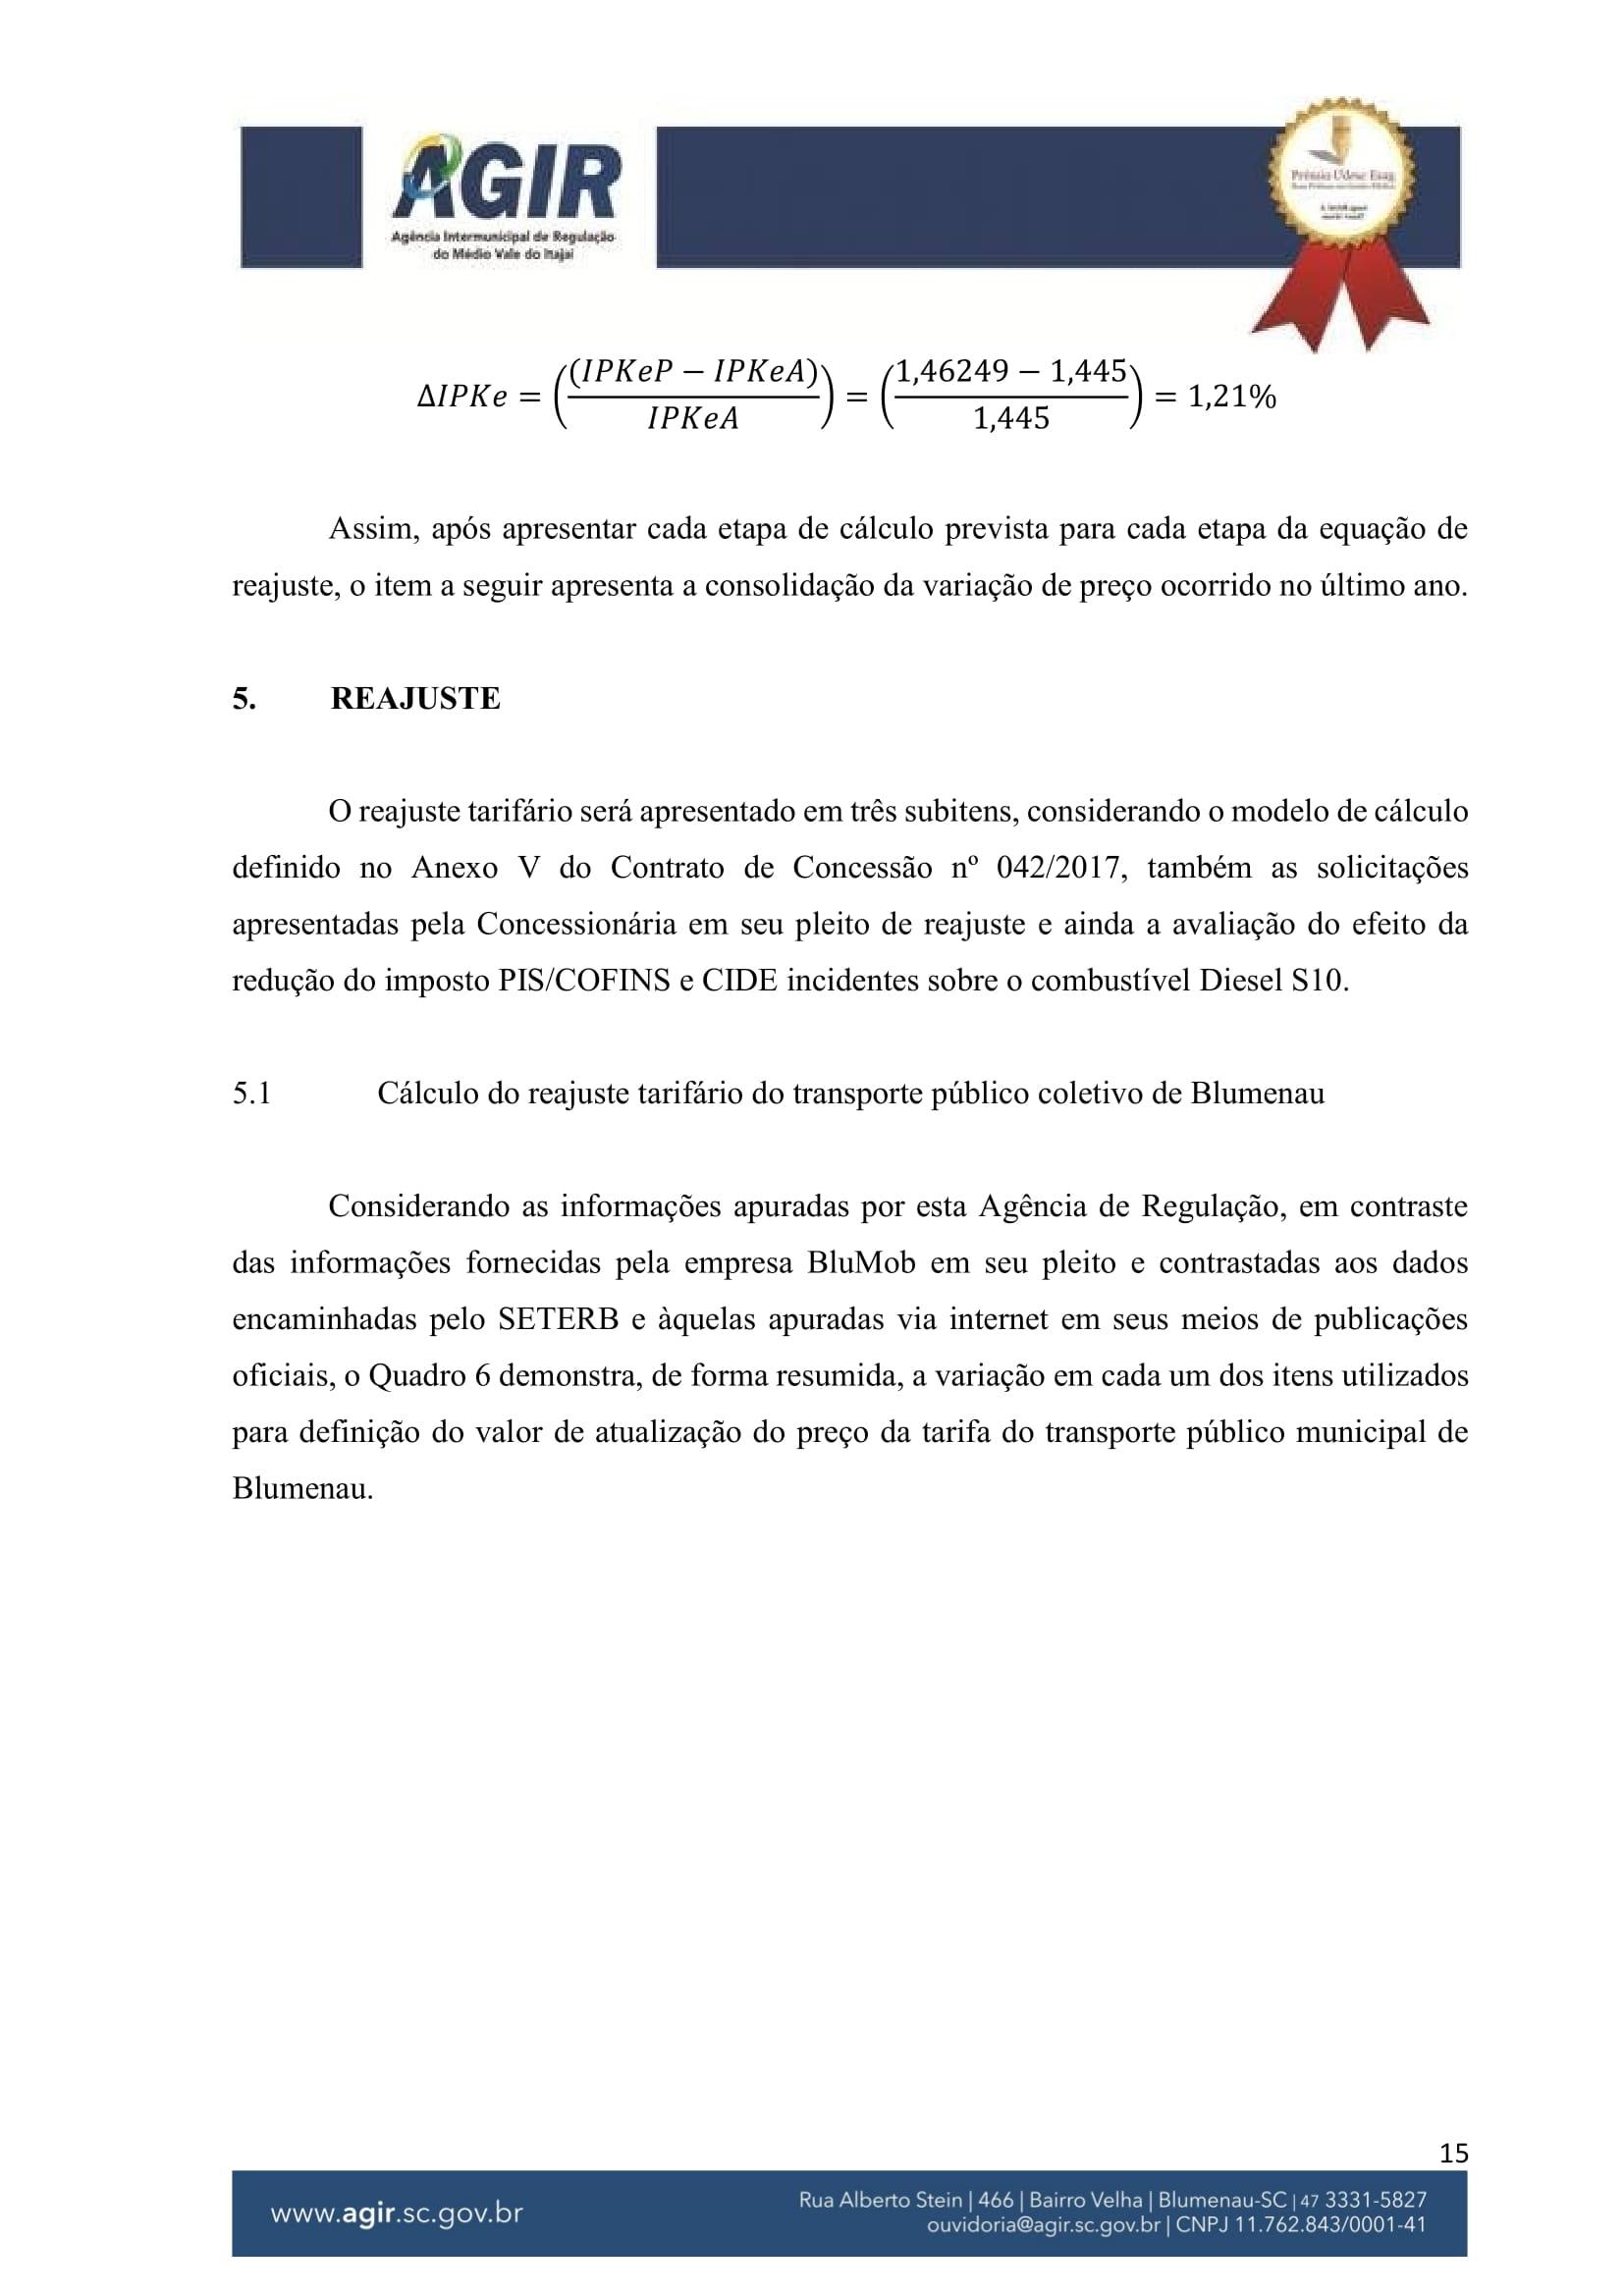 Parecer Administrativo nº 70-2018-15